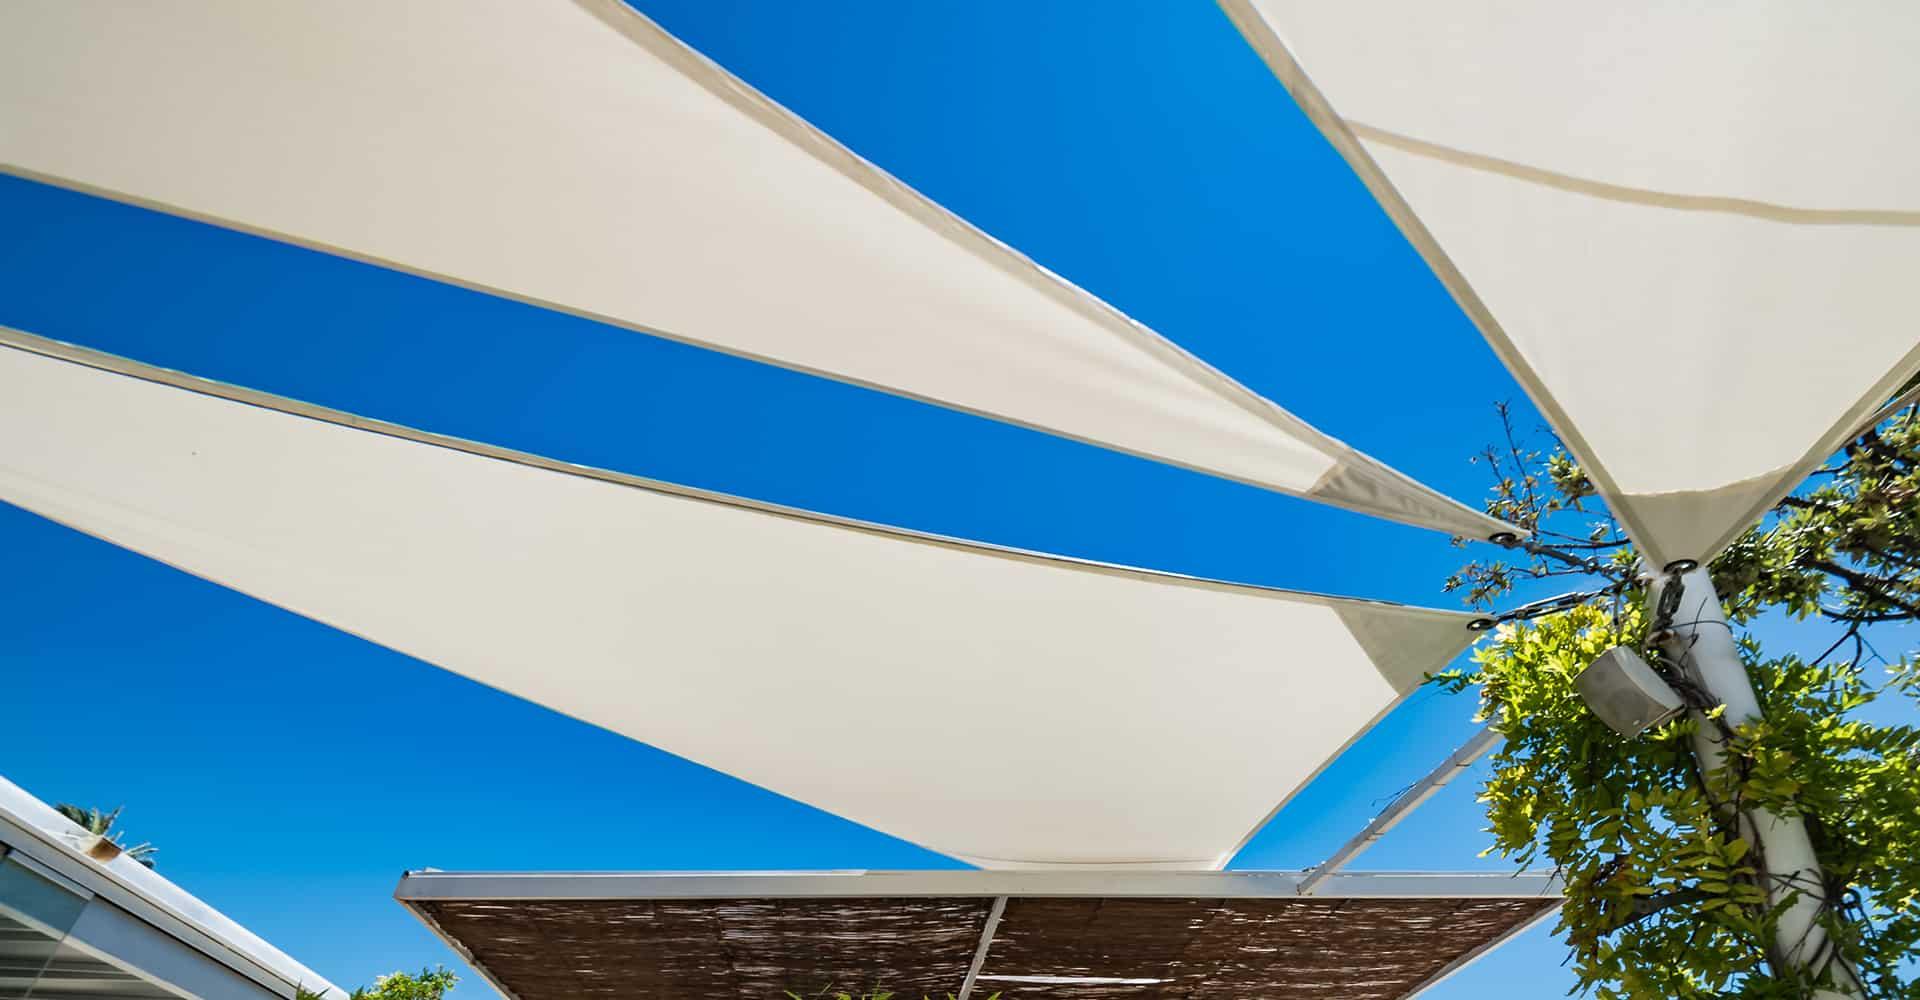 sun shade sail